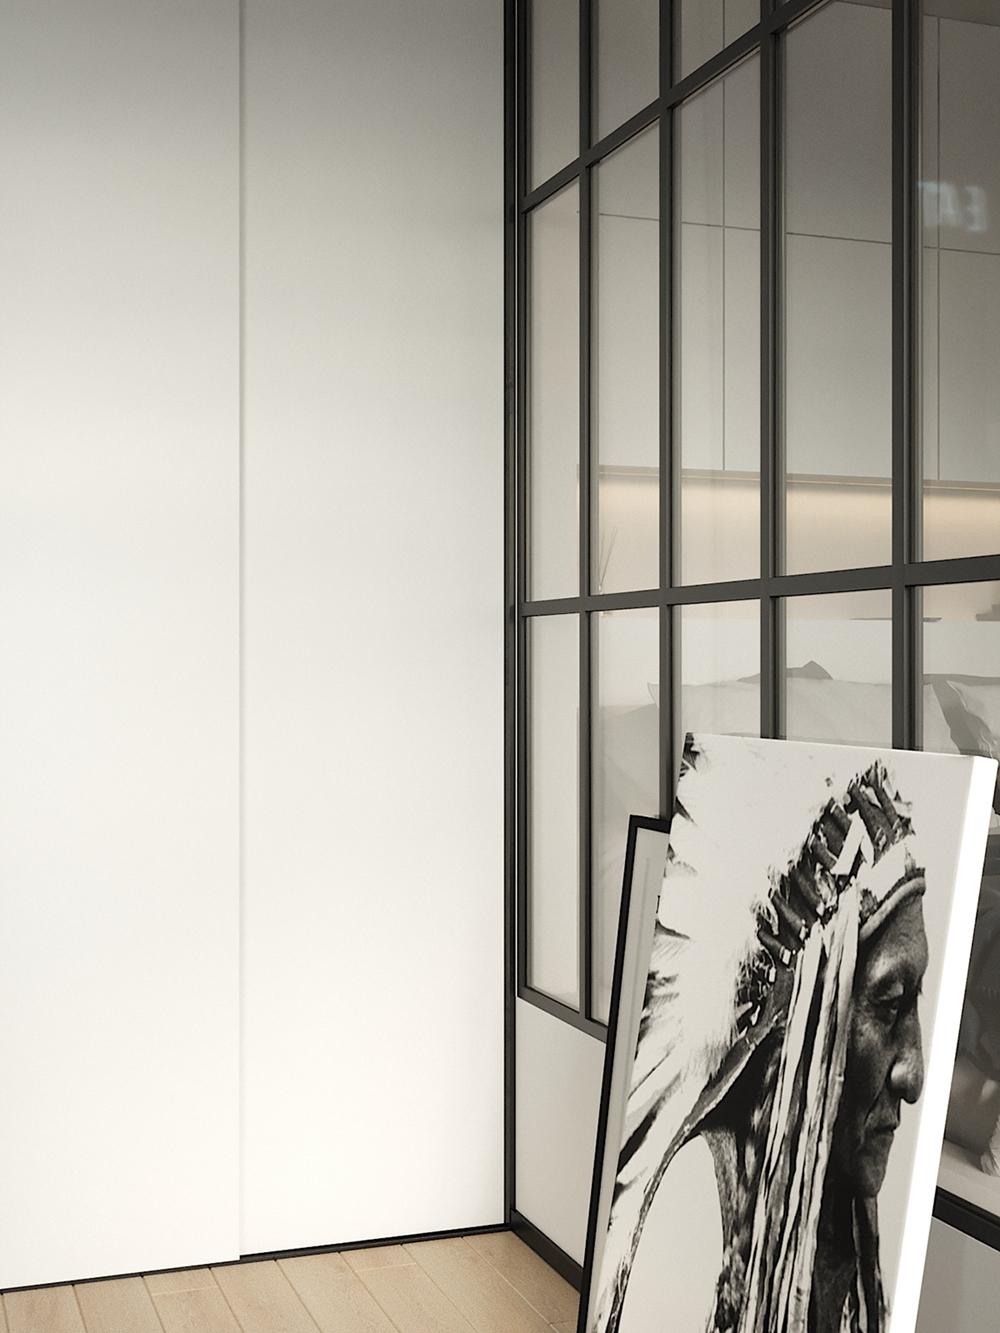 梳妆台选址巧妙,提高了室内利用率,艺术画点缀为空间增加文艺气息。